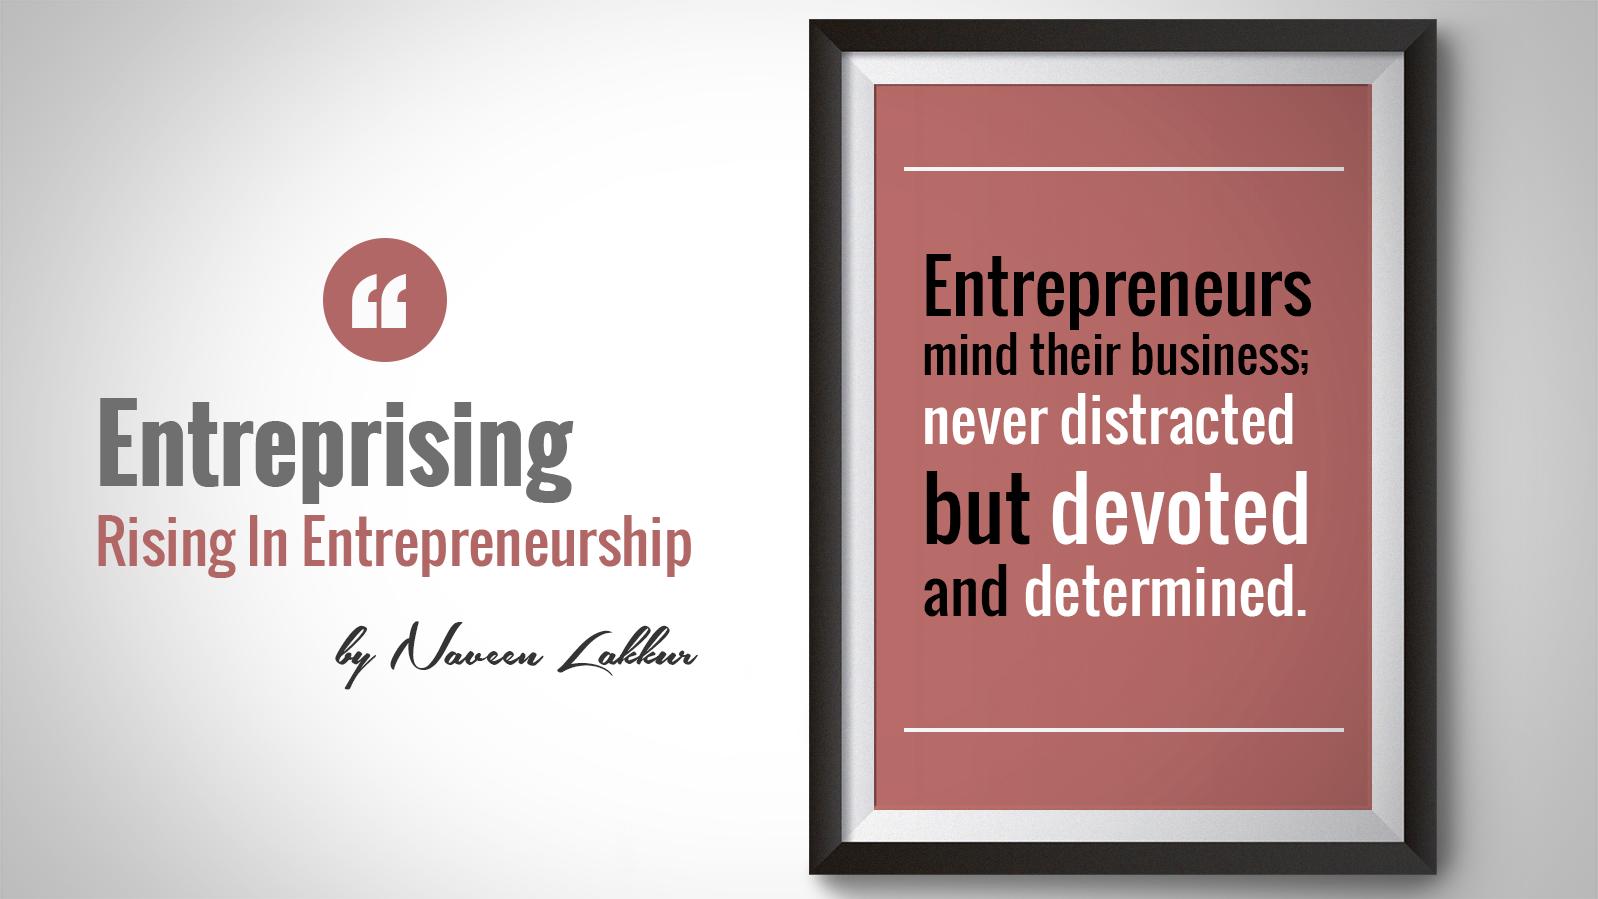 Determined Entrepreneurs